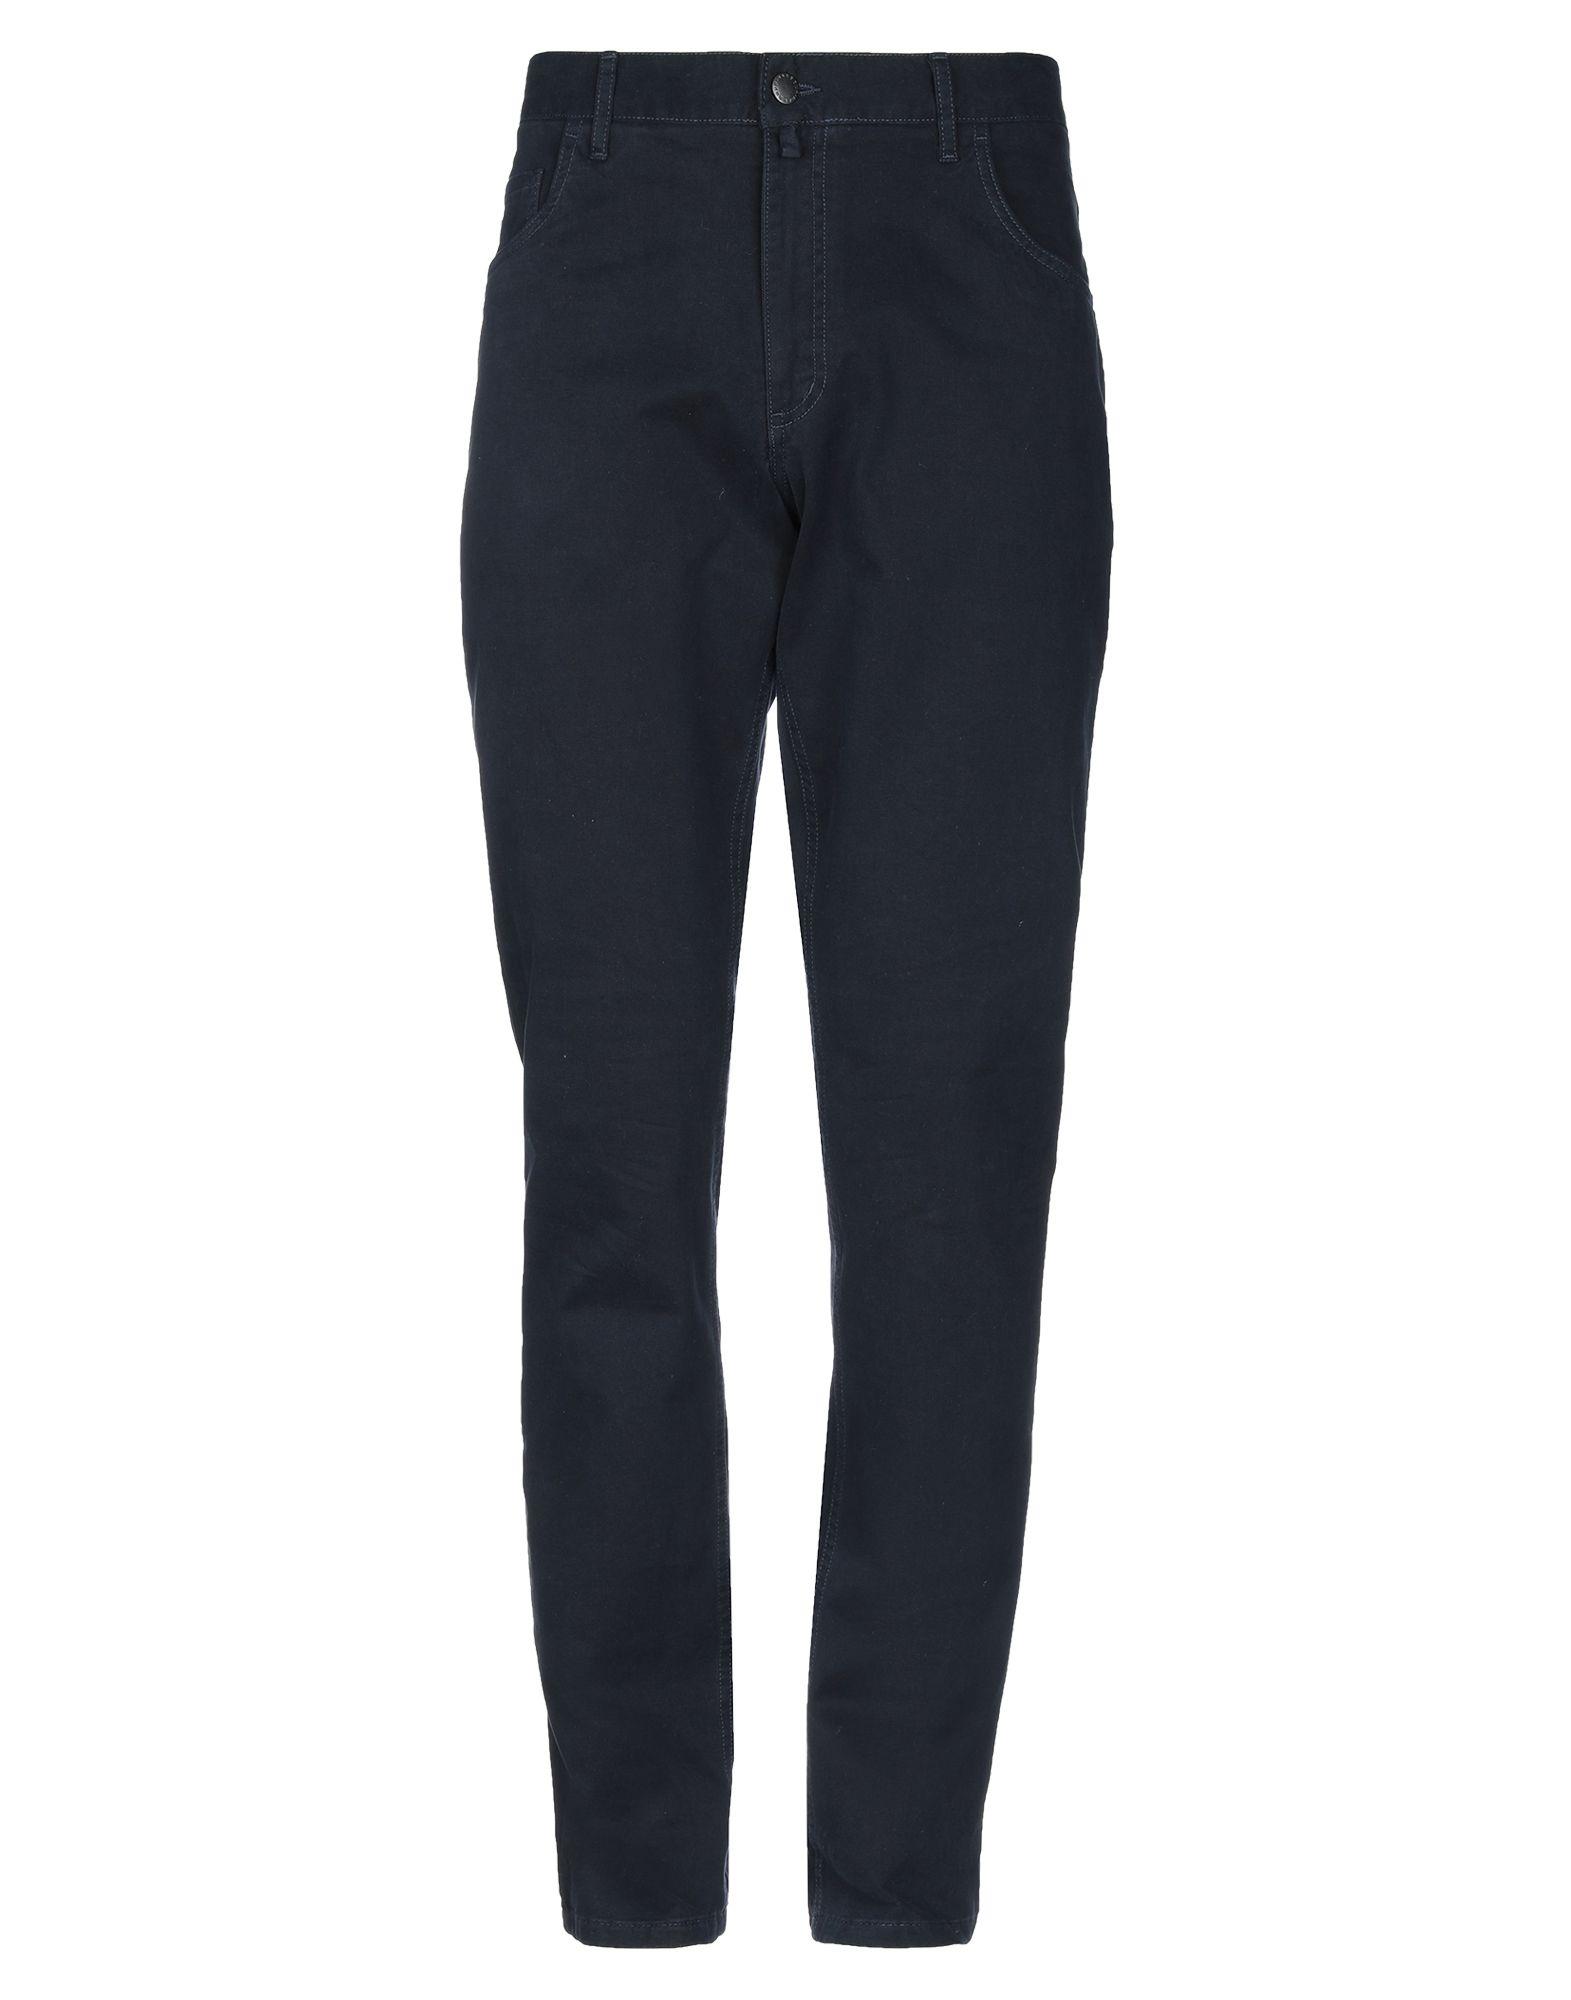 《セール開催中》BARBOUR メンズ パンツ ダークブルー 46 コットン 98% / ポリウレタン 2%